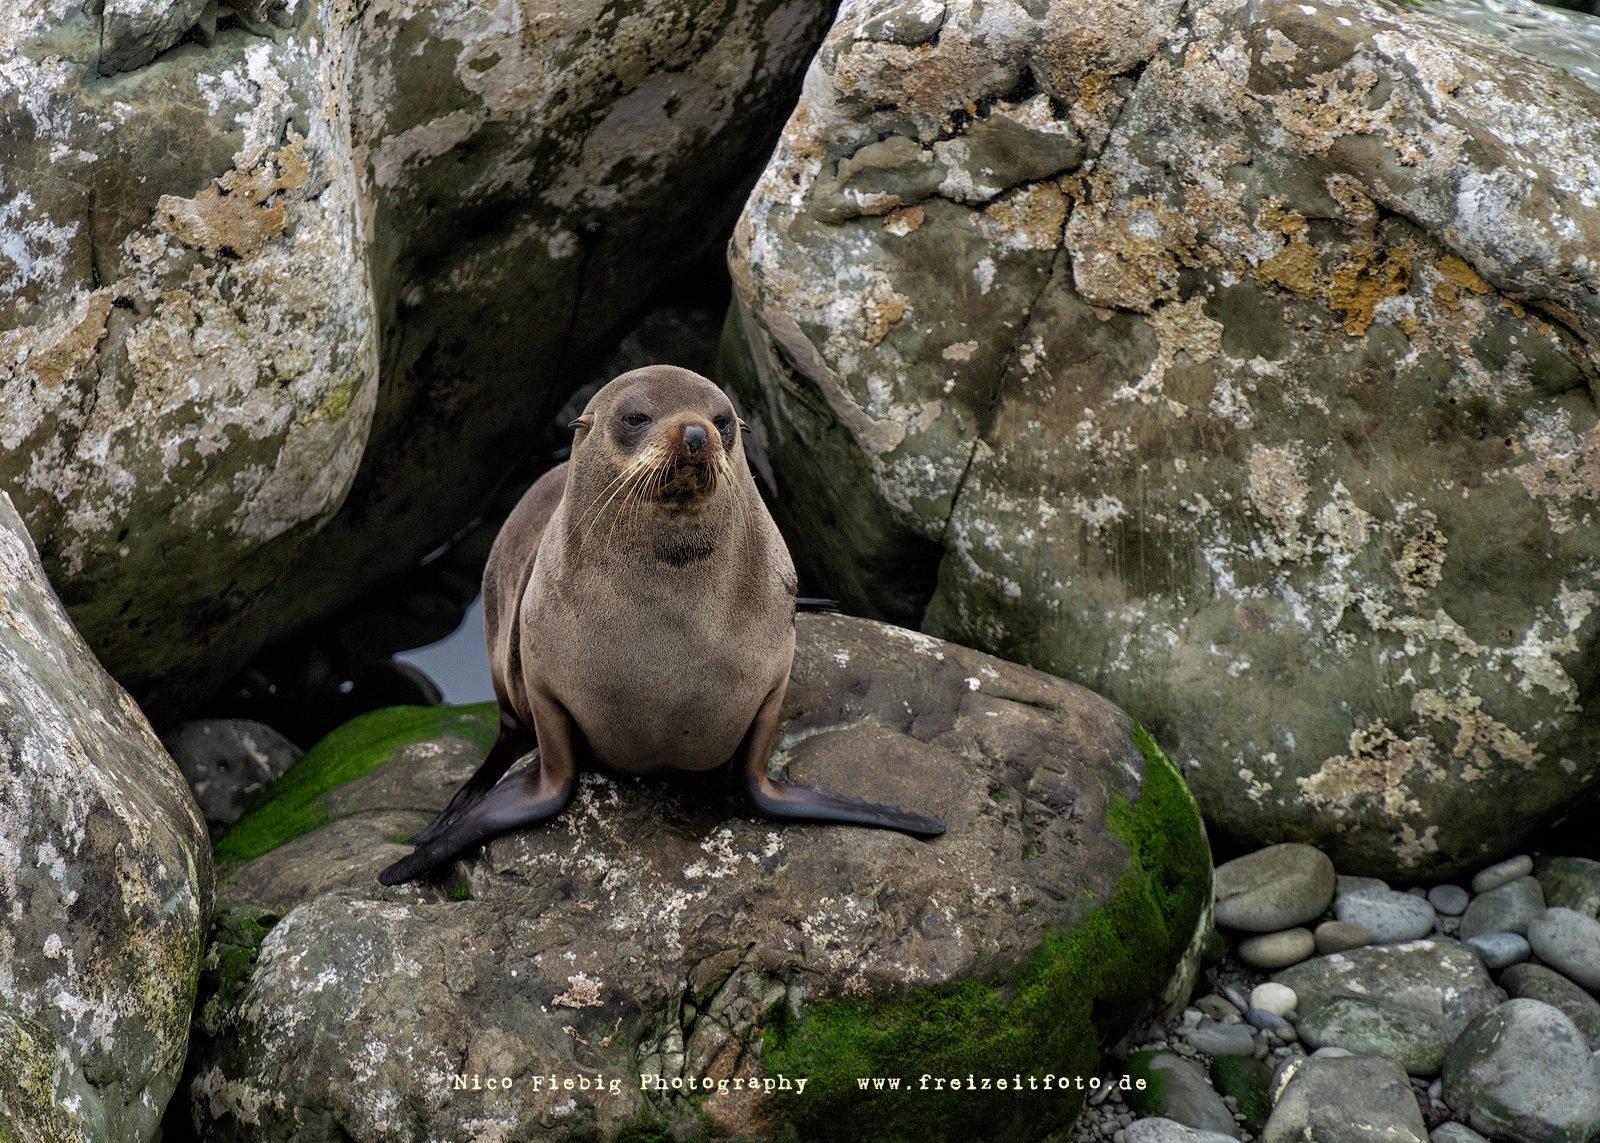 Ein schöner Fotospot, um Robben bei der Aufzucht zu beobachten. Bis zu mehreren hunderte von Robben lassen sich hier an der Küste anschauen. Ohau Point Neuseeland